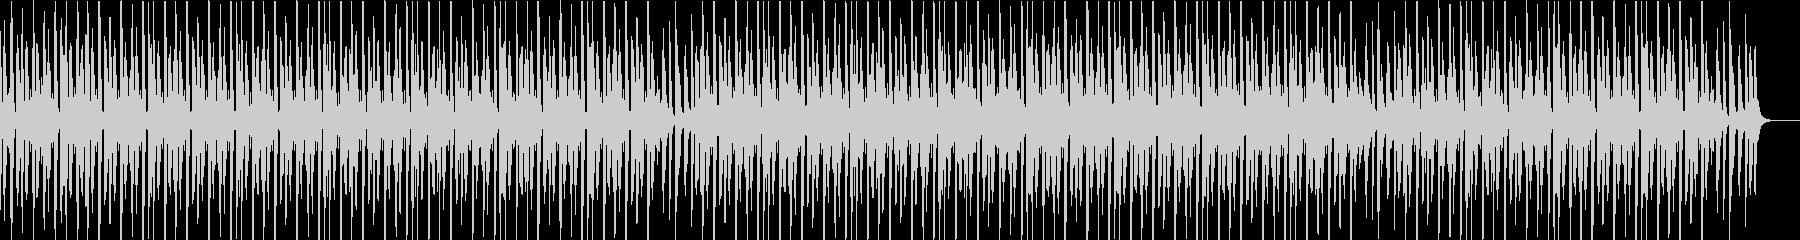 ランチタイムの未再生の波形